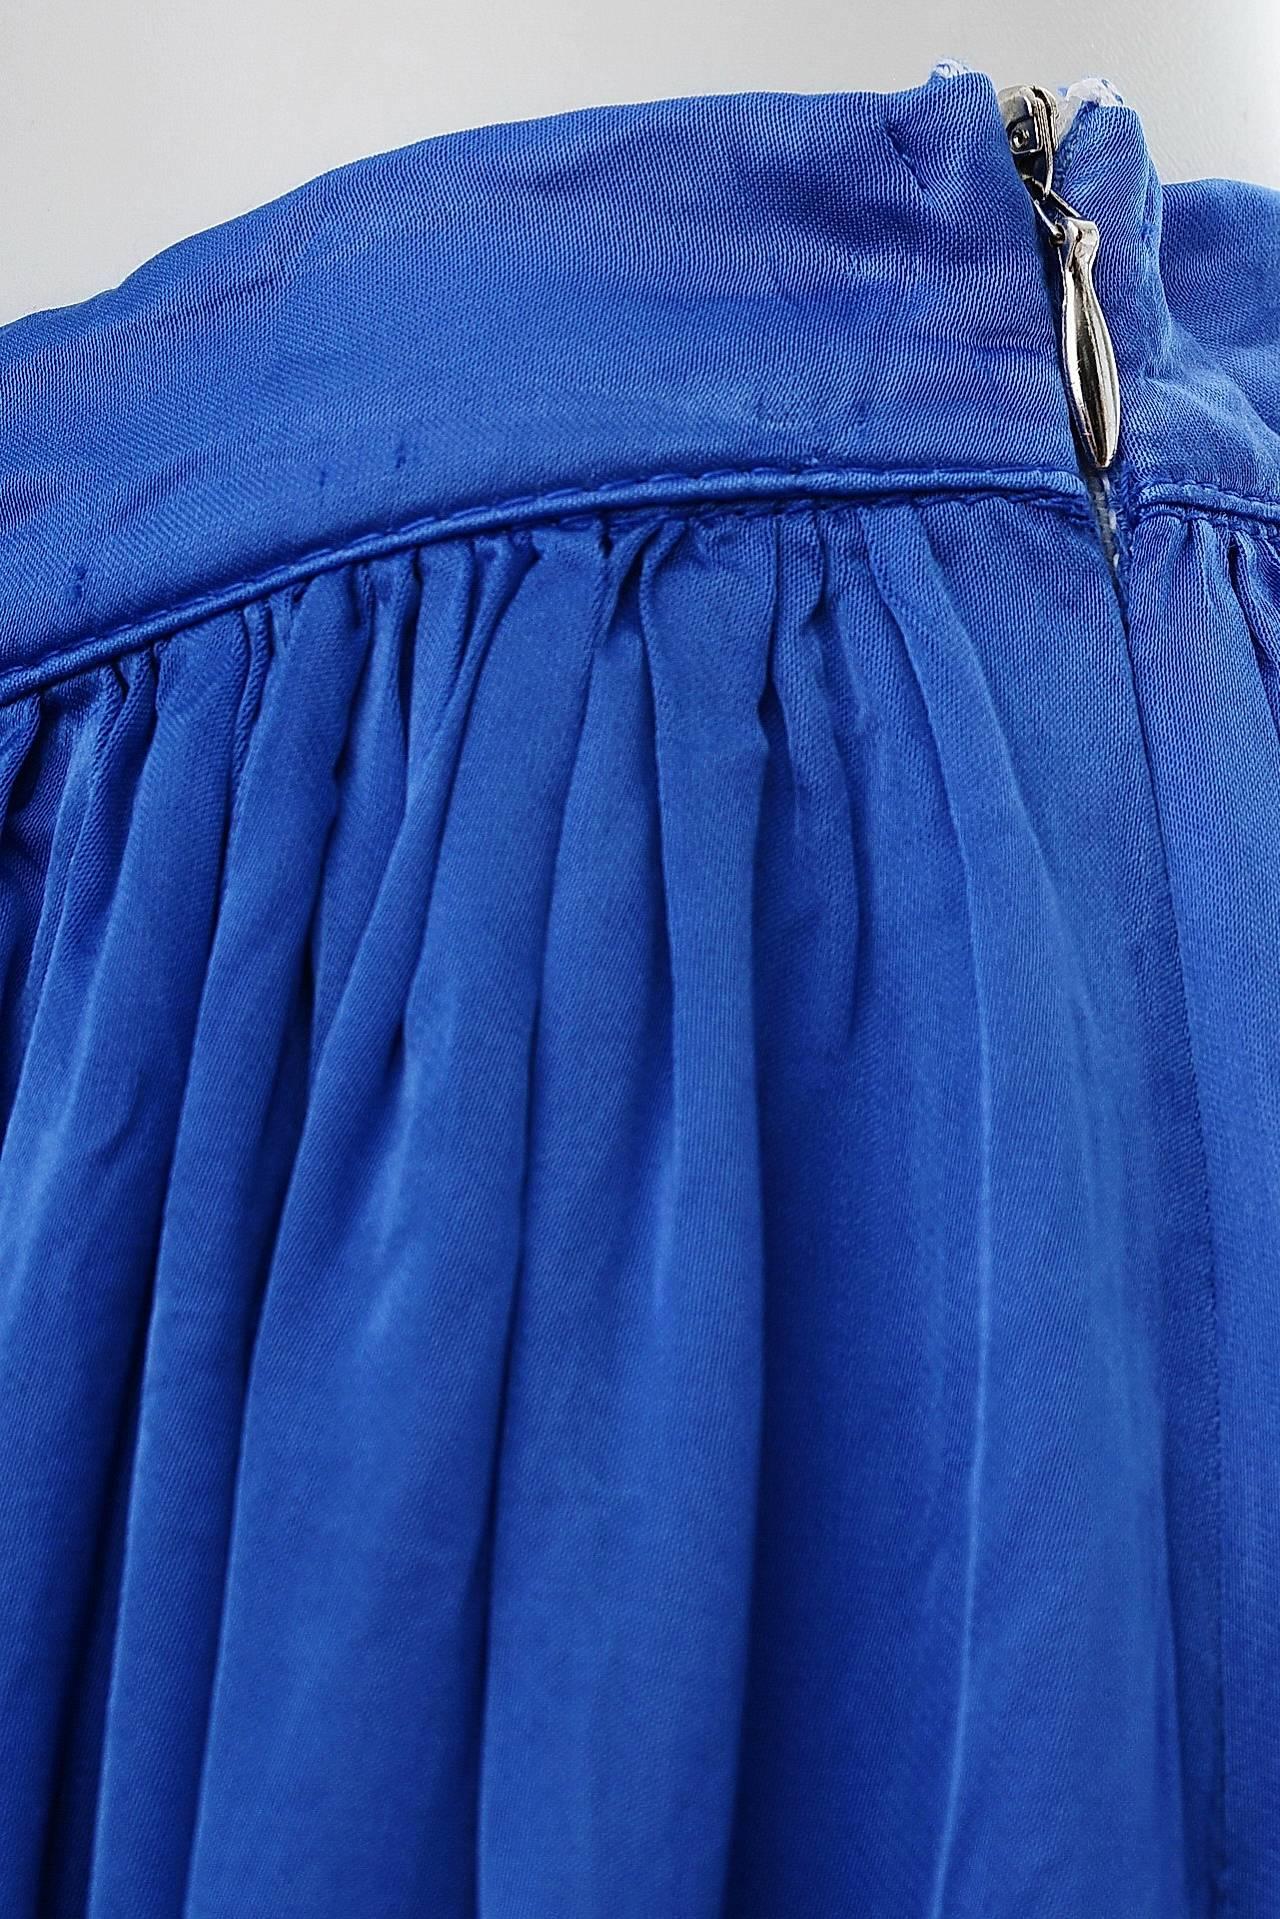 Как сшить юбку из трикотажа? ServiceYard-уют вашего дома в 35